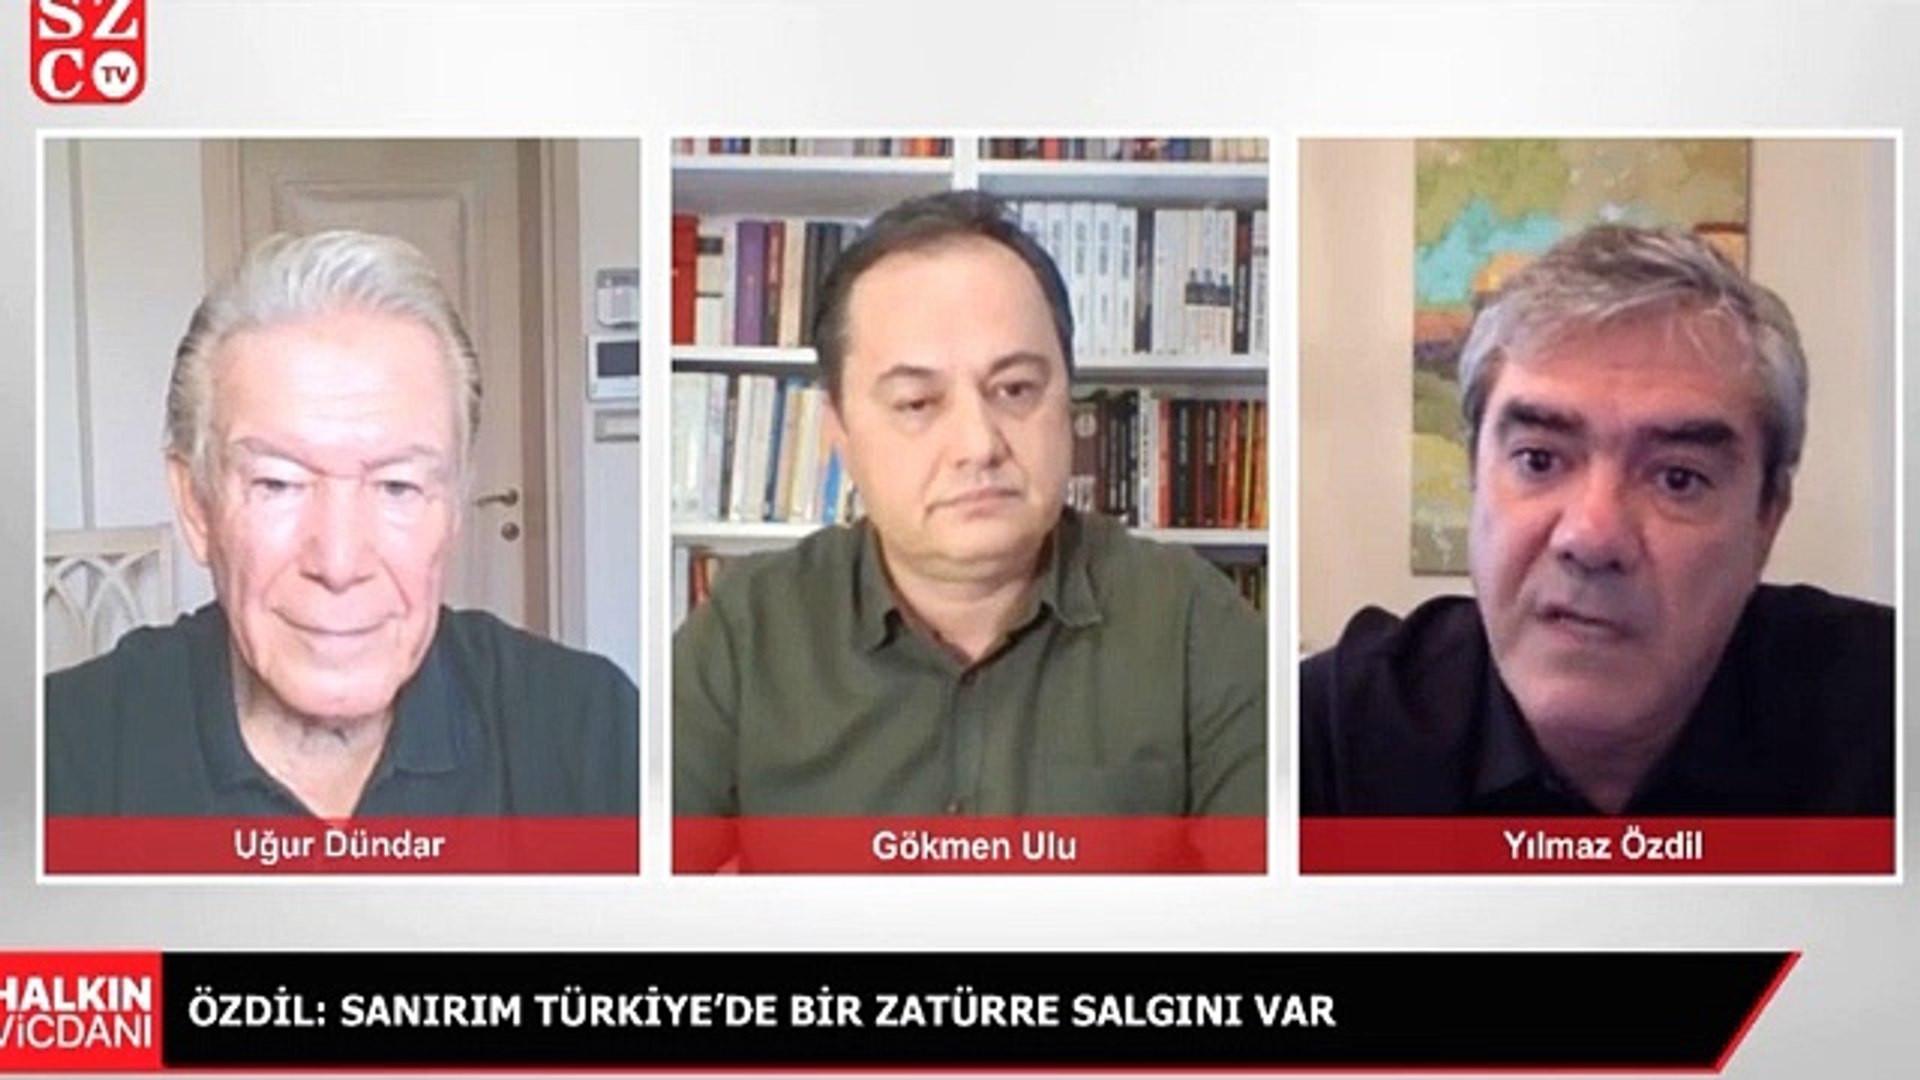 Yılmaz Özdil'den olay iddia: Türkiye'de açıklanmaya muhtaç 23 bin ölüm var!